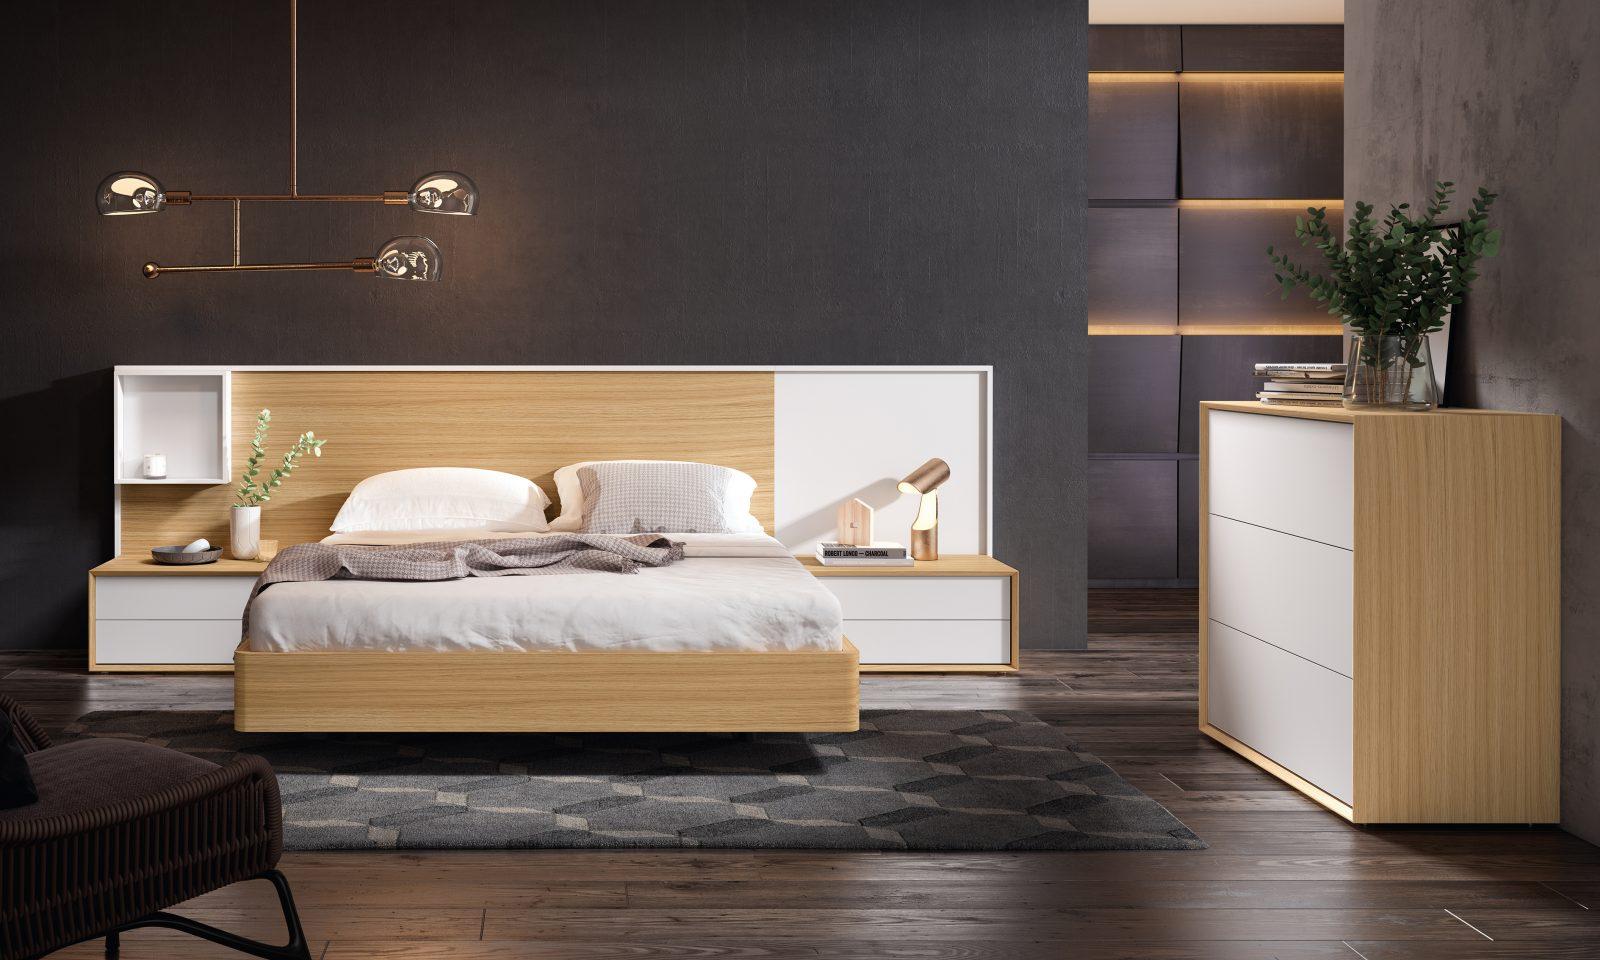 Mobiliario hd fabricaci n de muebles a medida en n jera for Dormitorios modernos para parejas